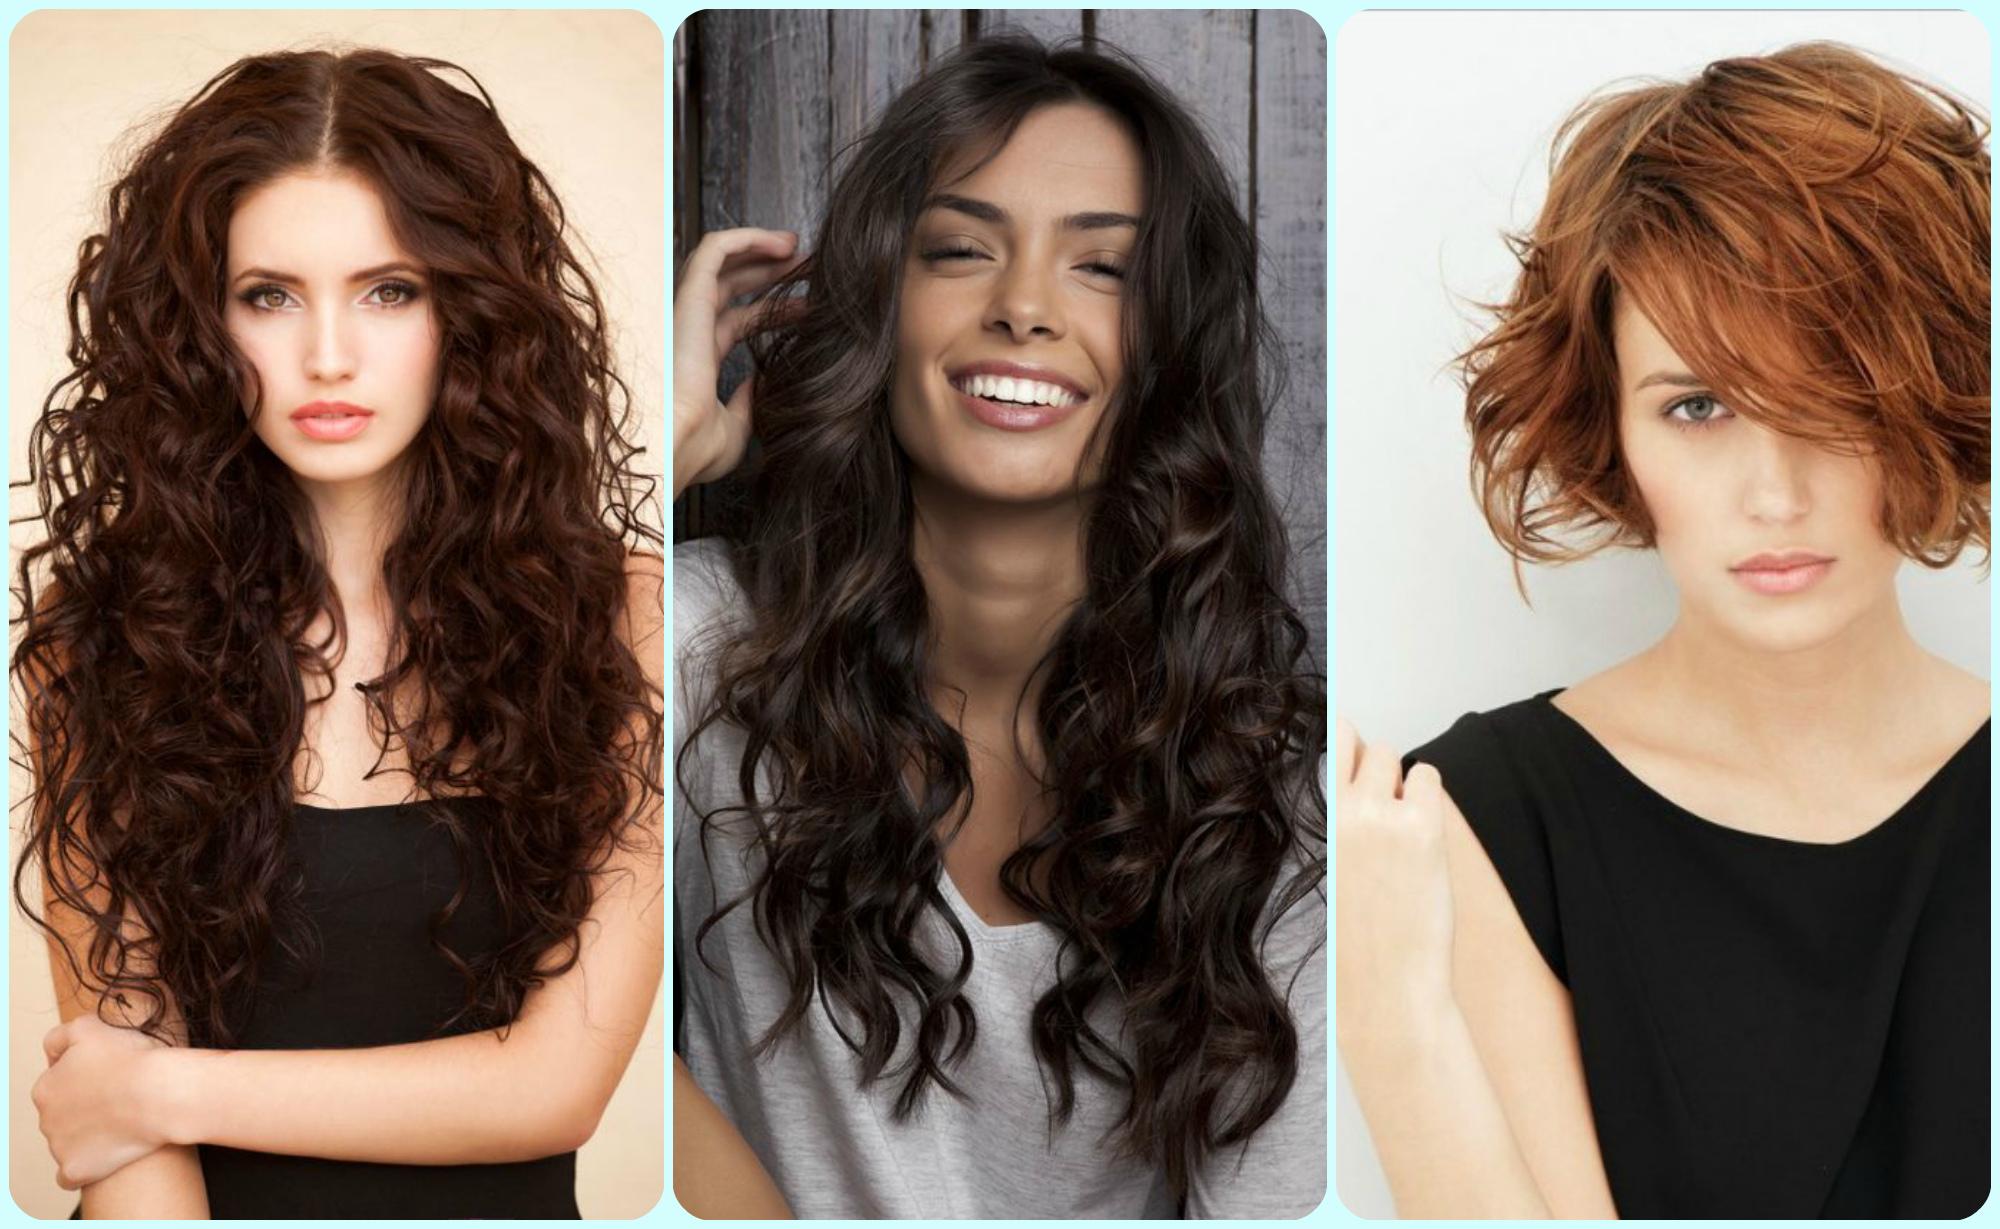 Вьющийся волос как сделать кудри красивыми